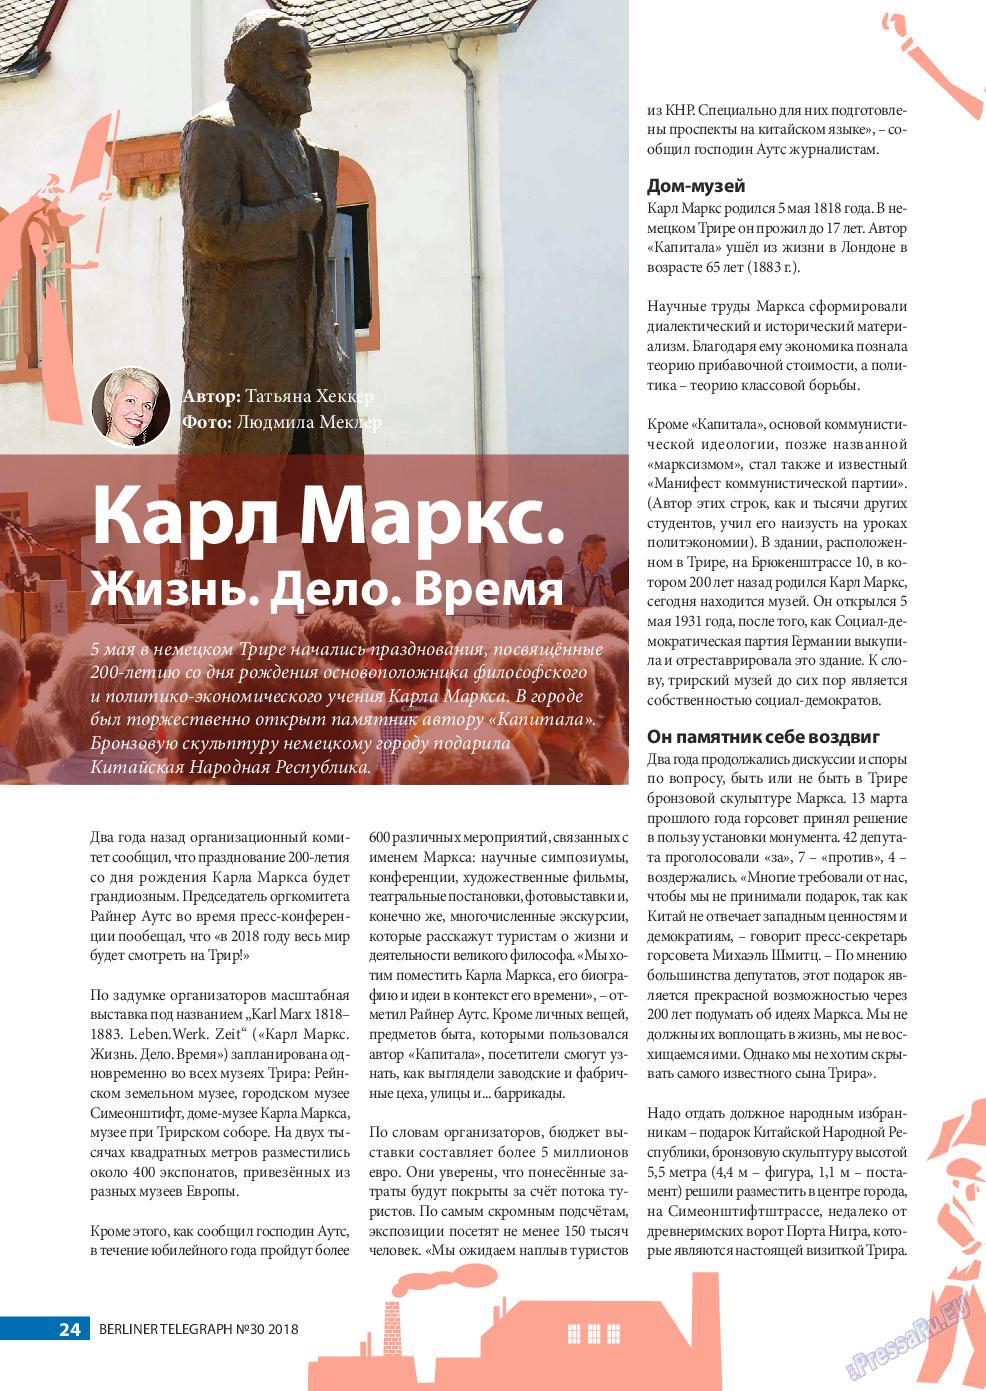 Берлинский телеграф (журнал). 2018 год, номер 30, стр. 24